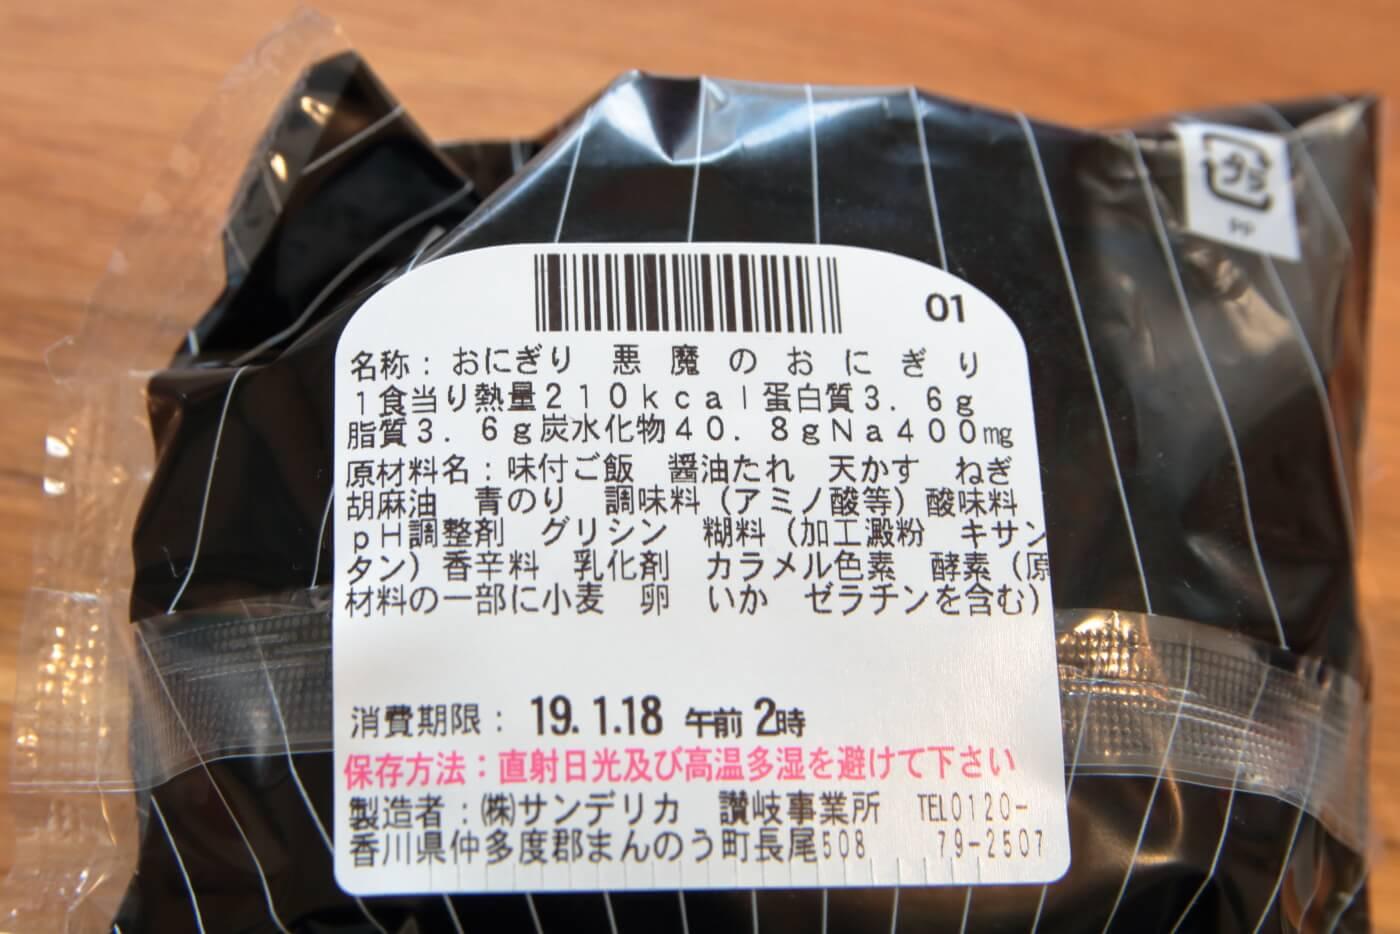 ローソン 悪魔のおにぎりのパッケージに貼られたラベルに記載された成分やカロリーの表示